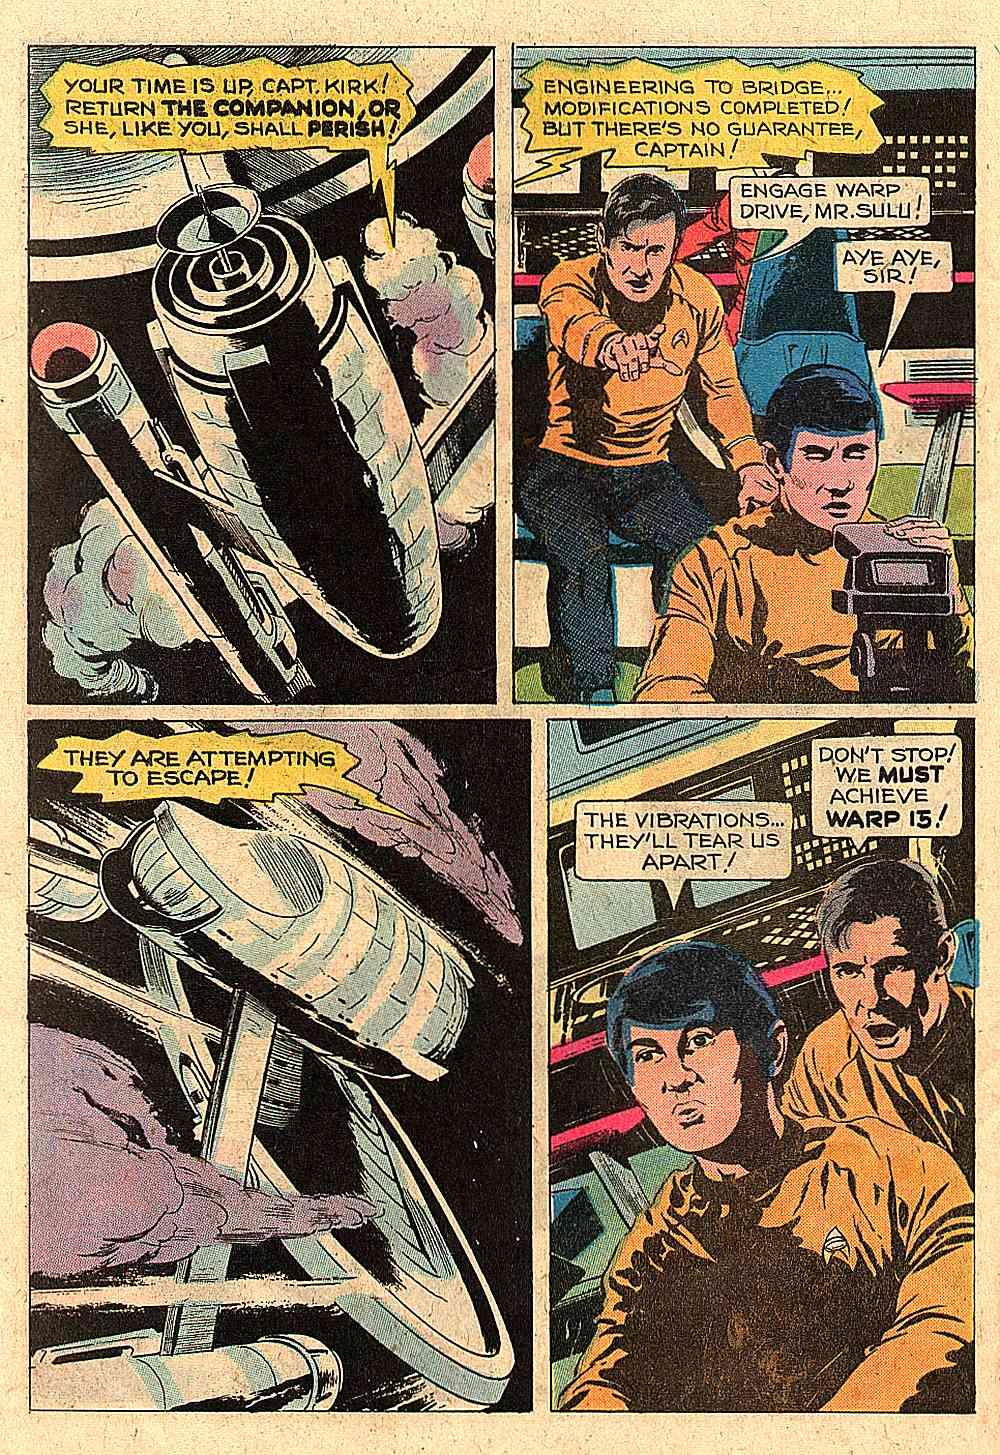 Star Trek (1967) #49 #49 - English 22